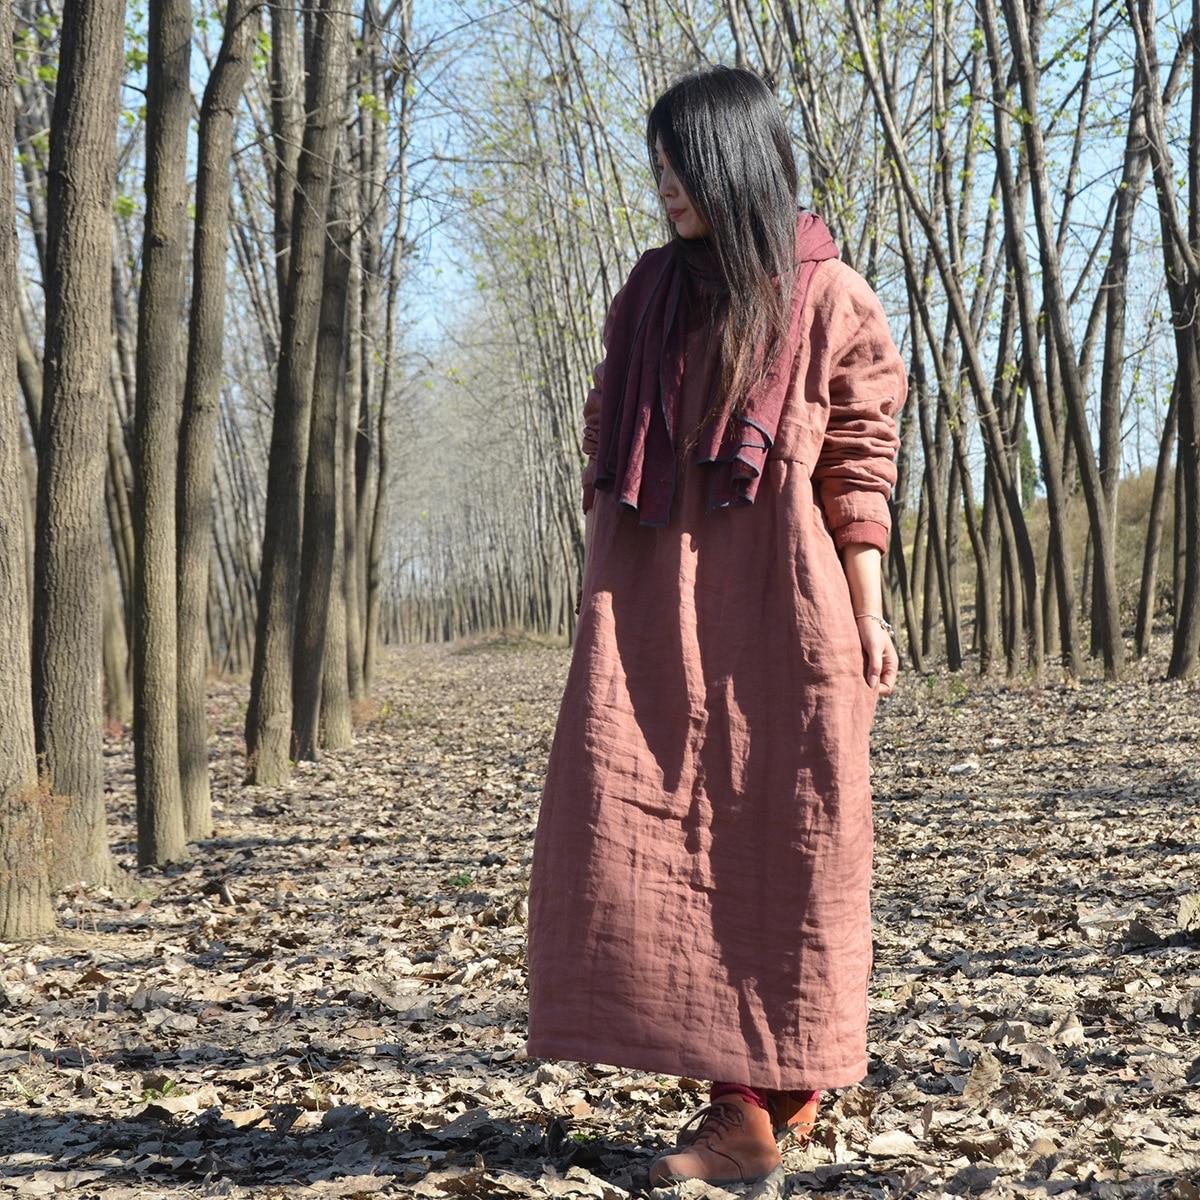 Robe Lâche Coton Rembourré La Plus Hiver Robes vintage Oversize 2019 Dames Orange Féminine Lin Noir Taille Automne Femmes Solide Vintage De EfxIqFw